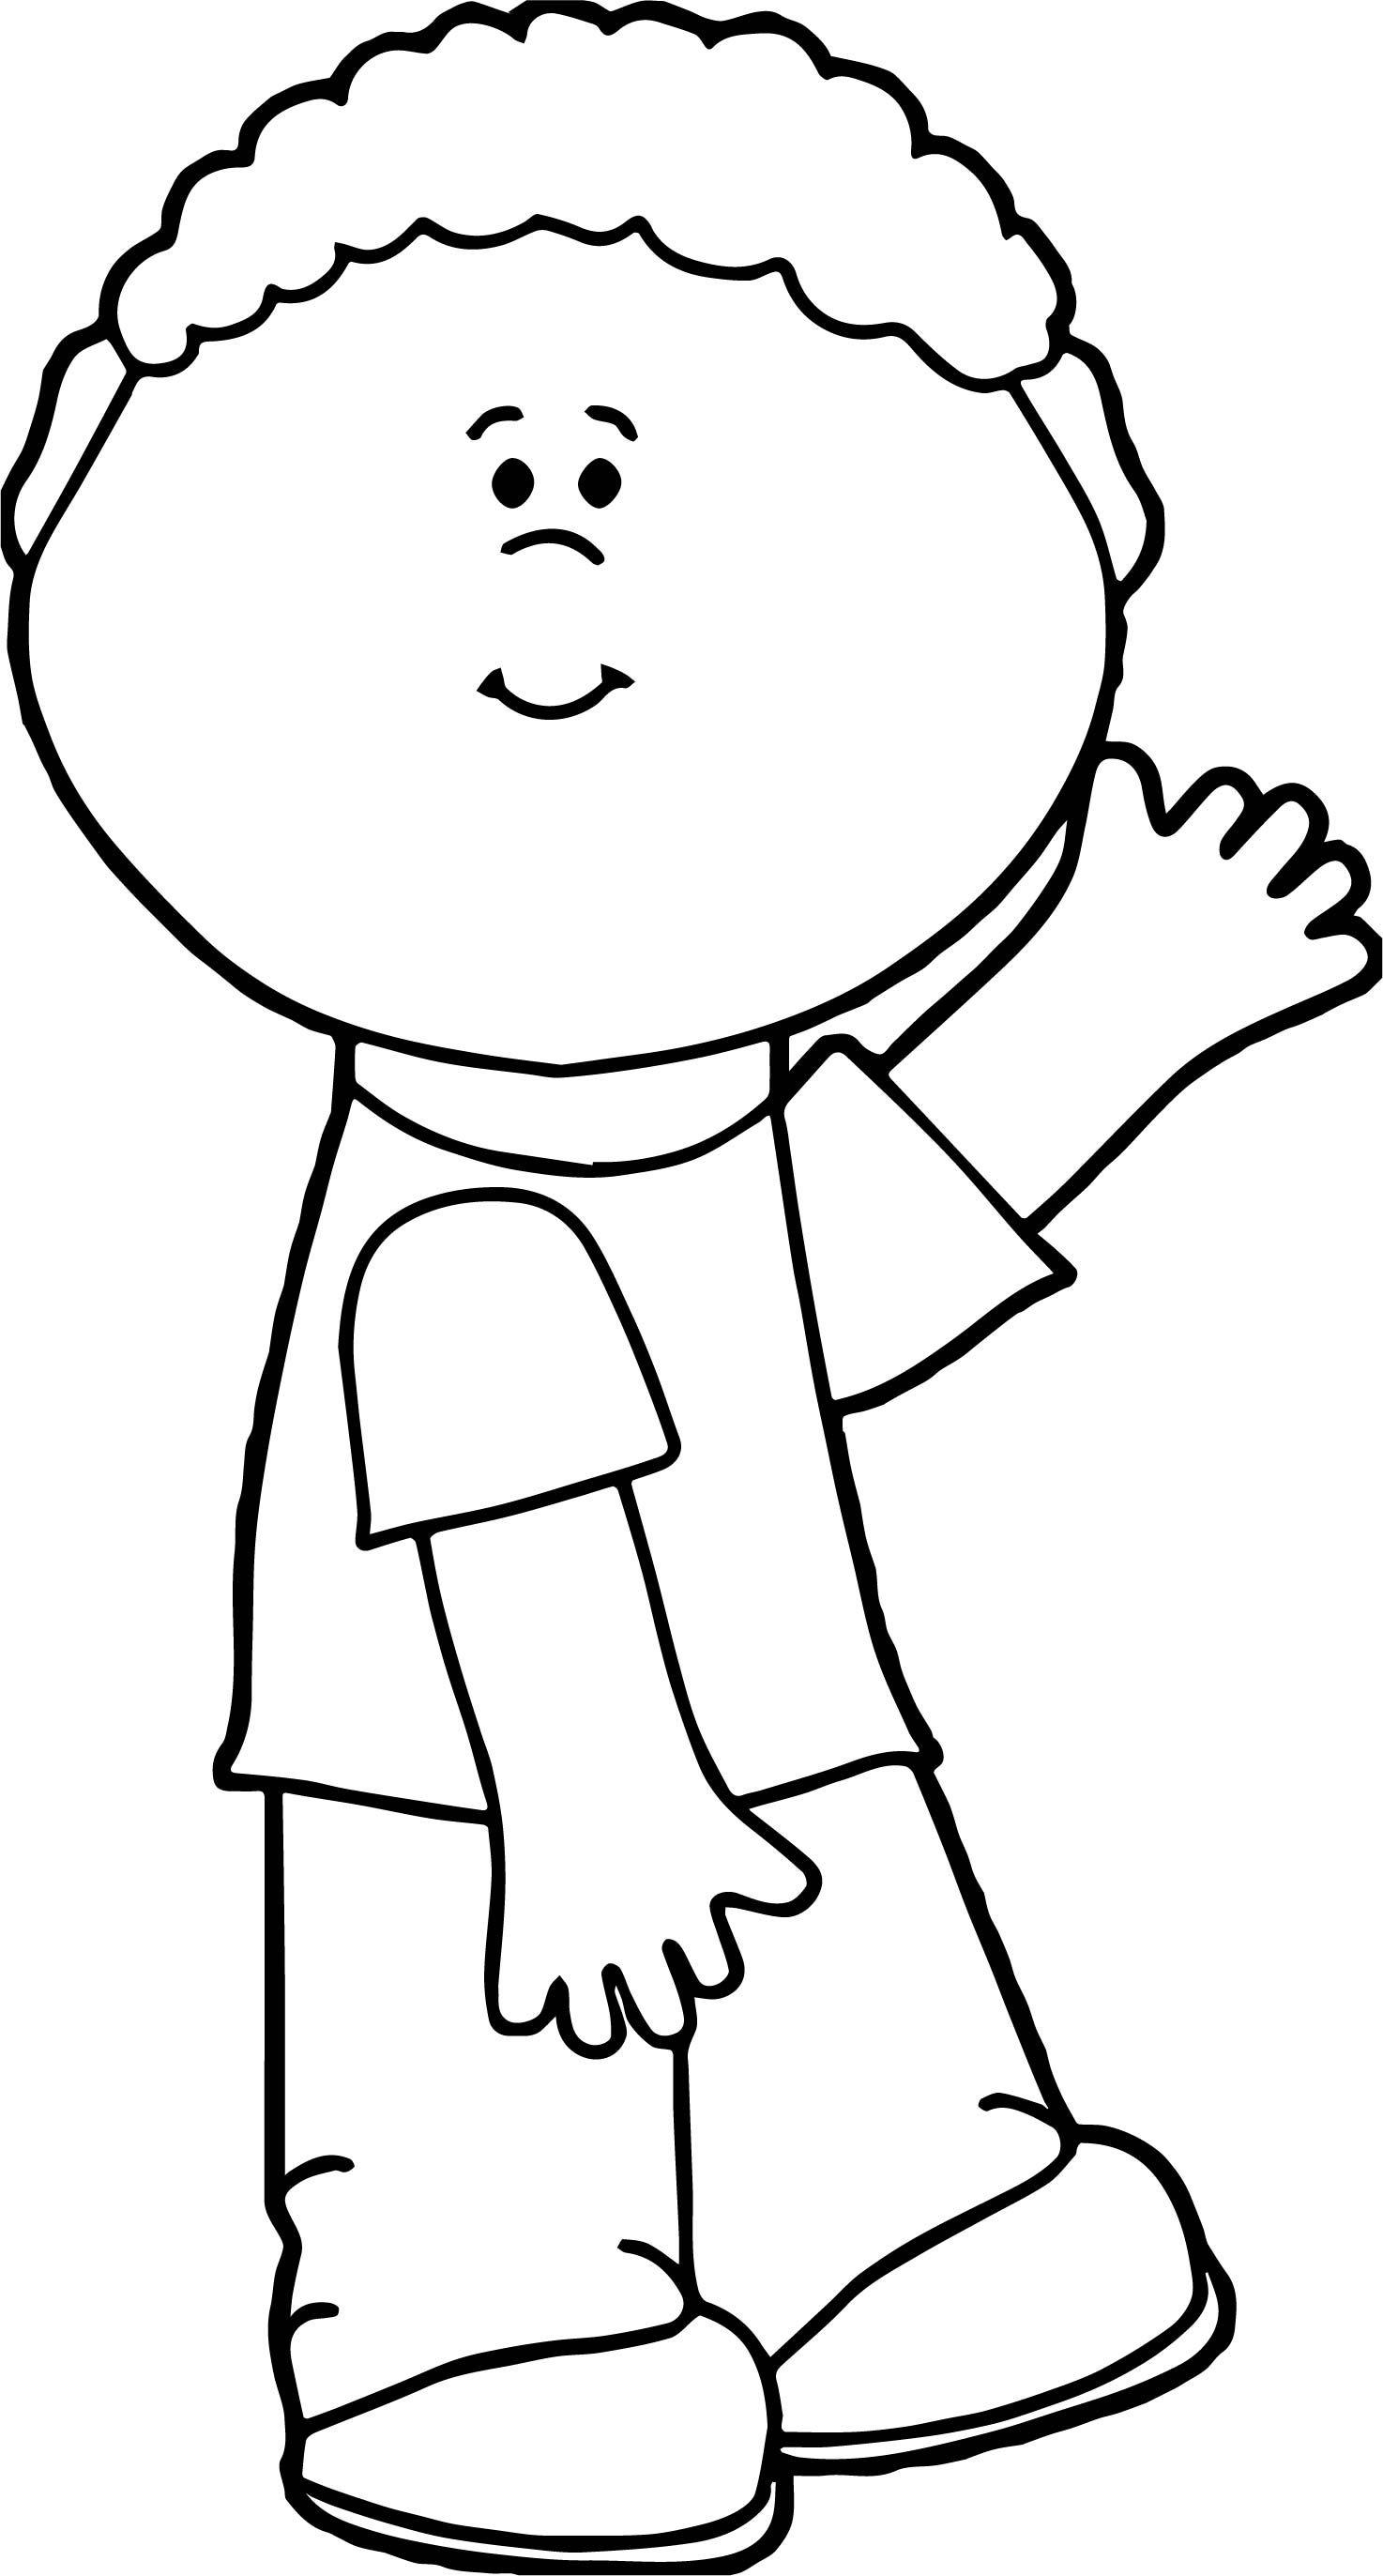 Boy Hi Coloring Page.